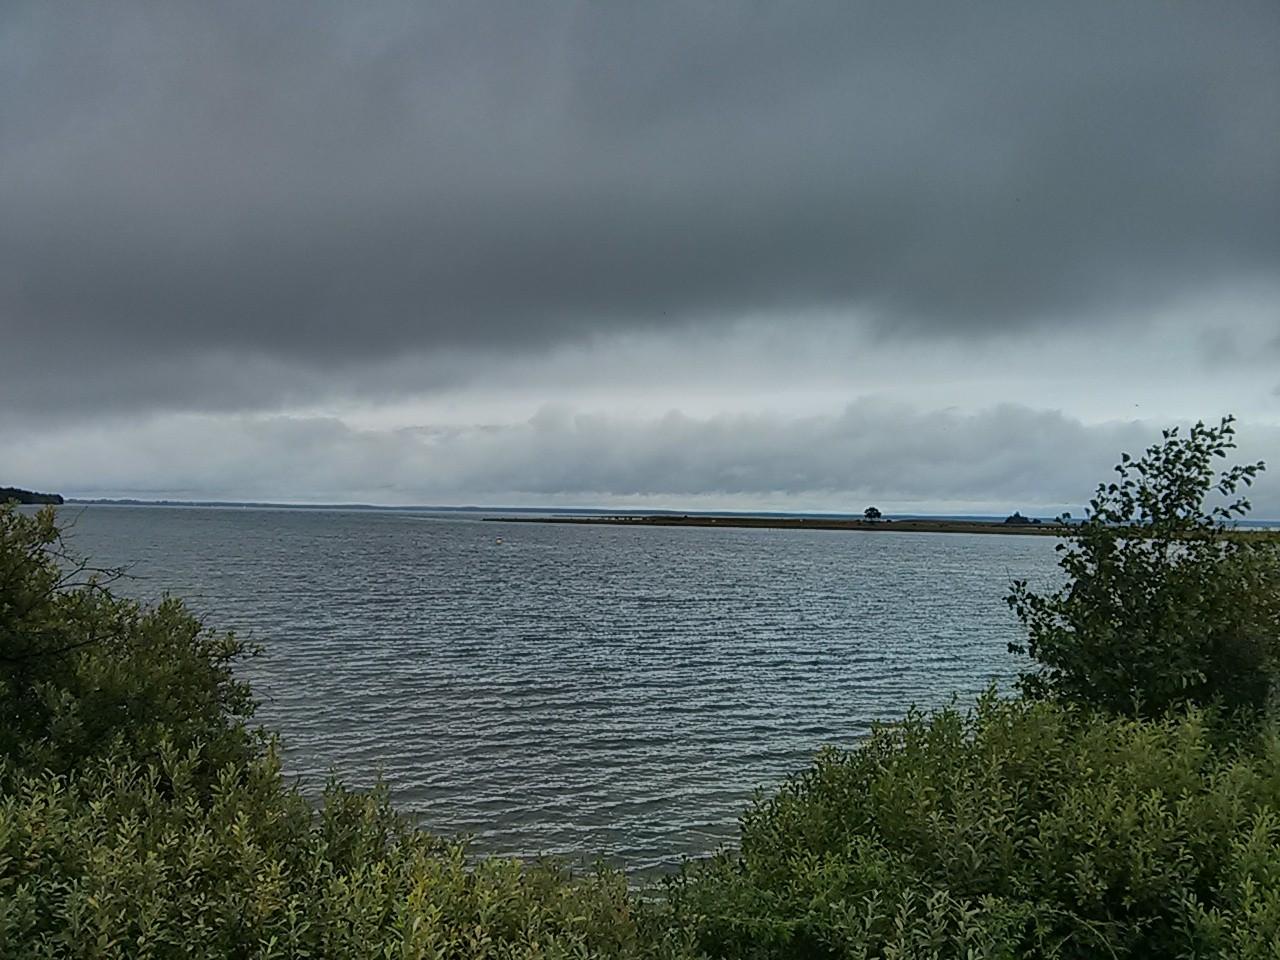 wolkig - aber trotzdem schön